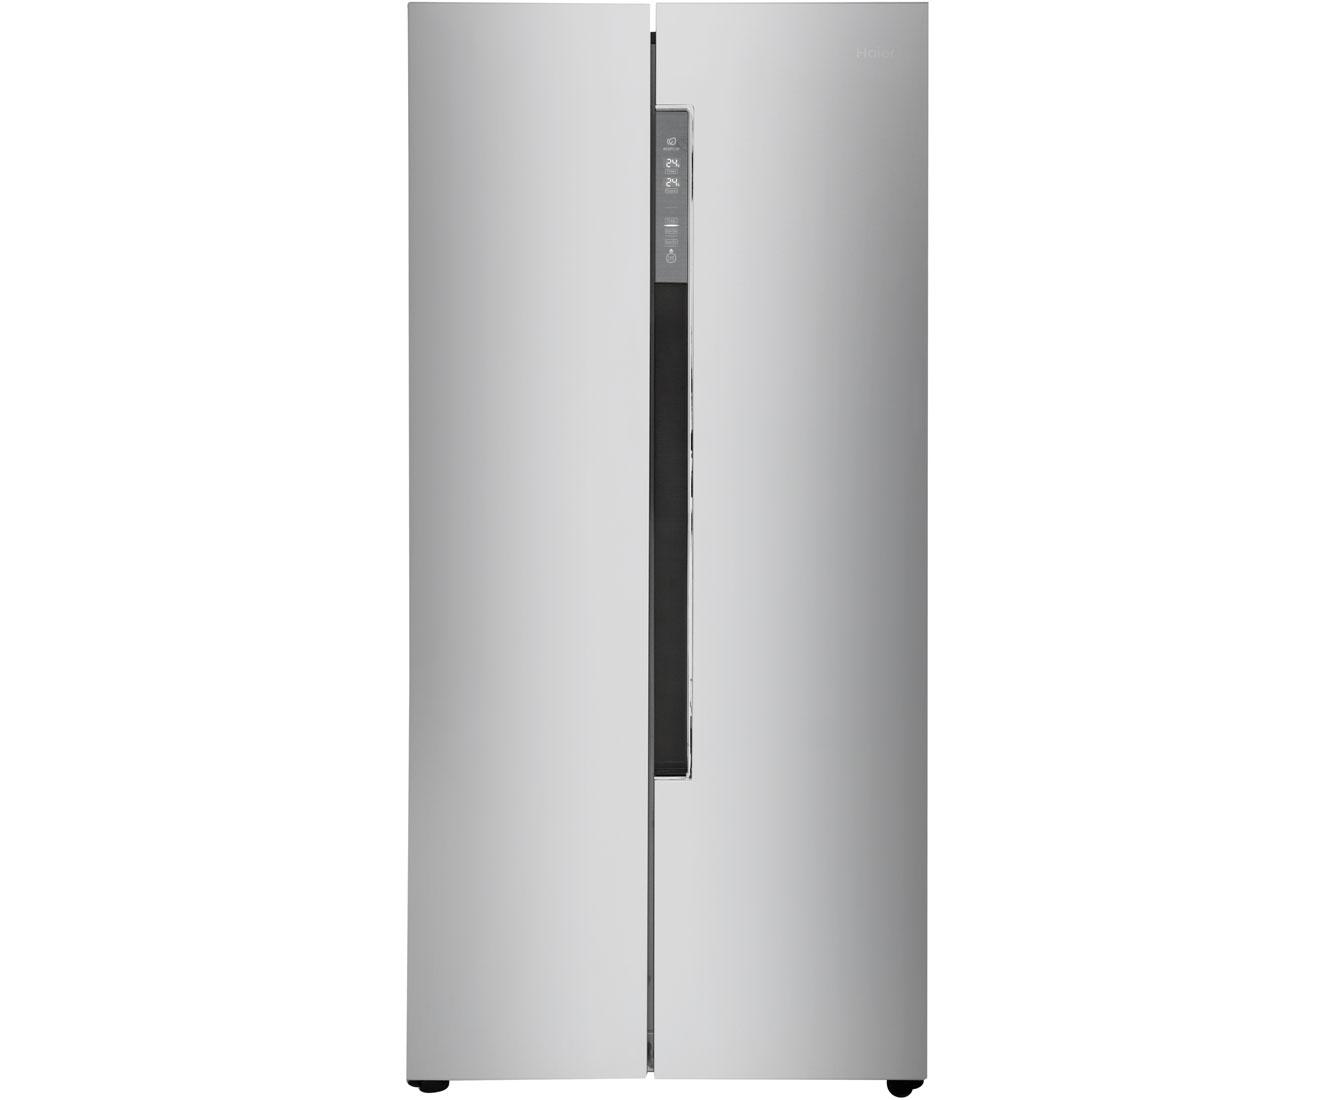 Smeg Kühlschrank Otto : Side by side kühlschrank mit tv: ifa smarter kühlschrank mit wlan